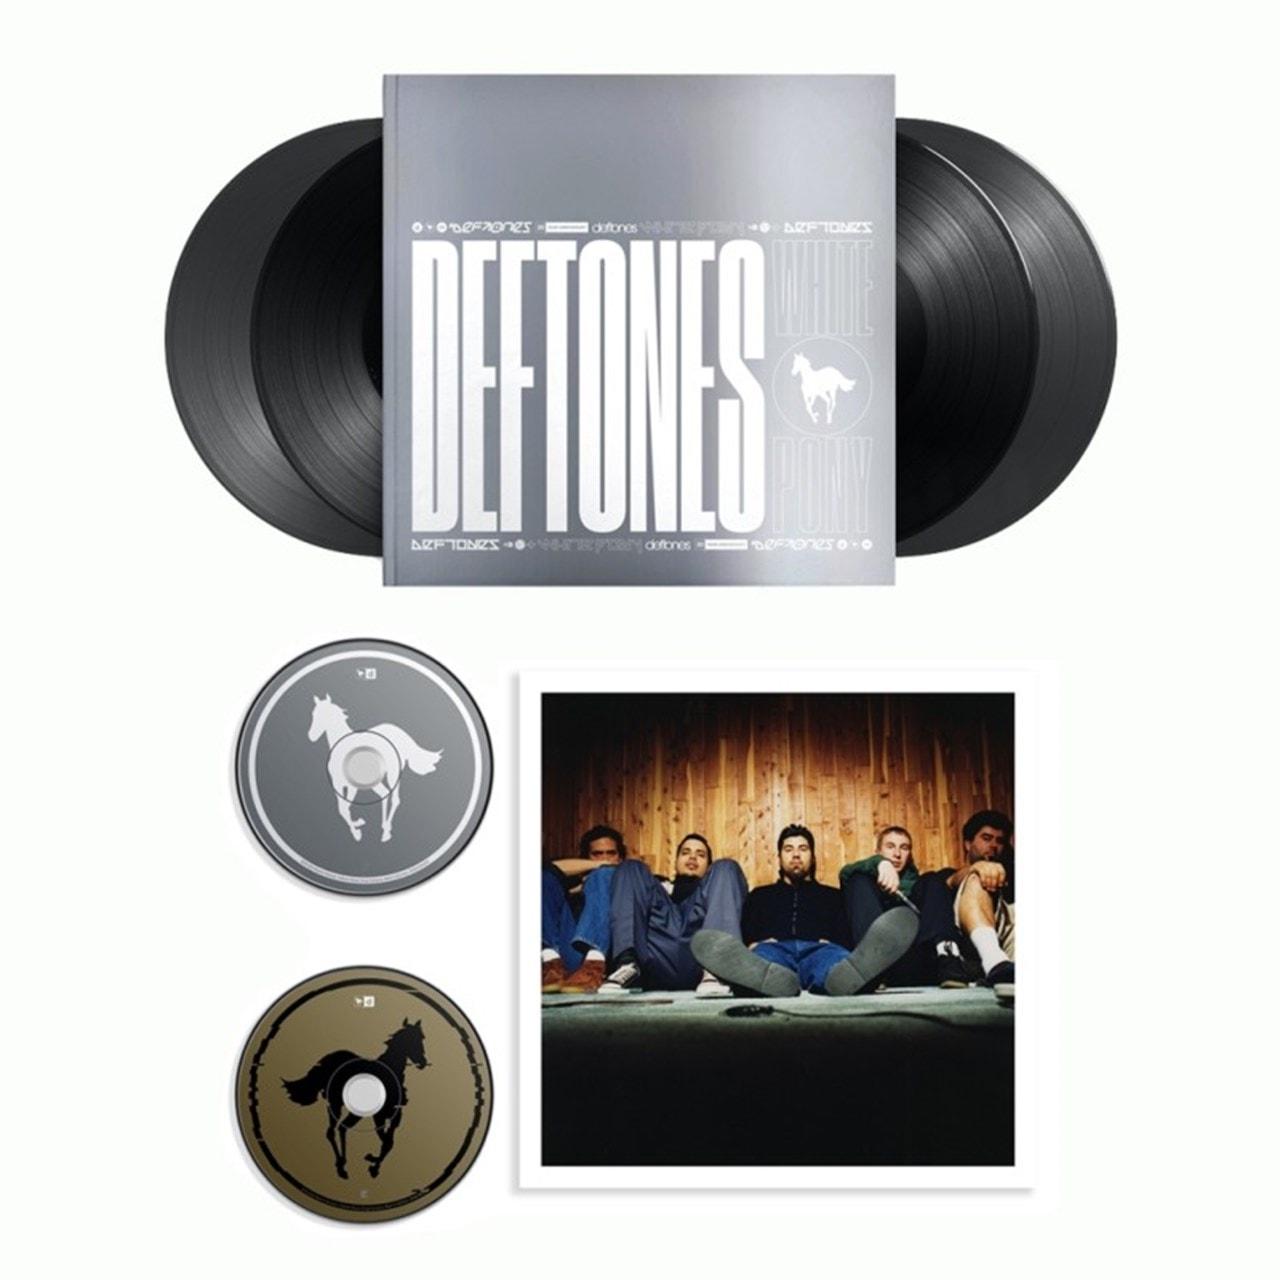 Deftones - White Pony 20th Anniversary LTD Super Deluxe Edition